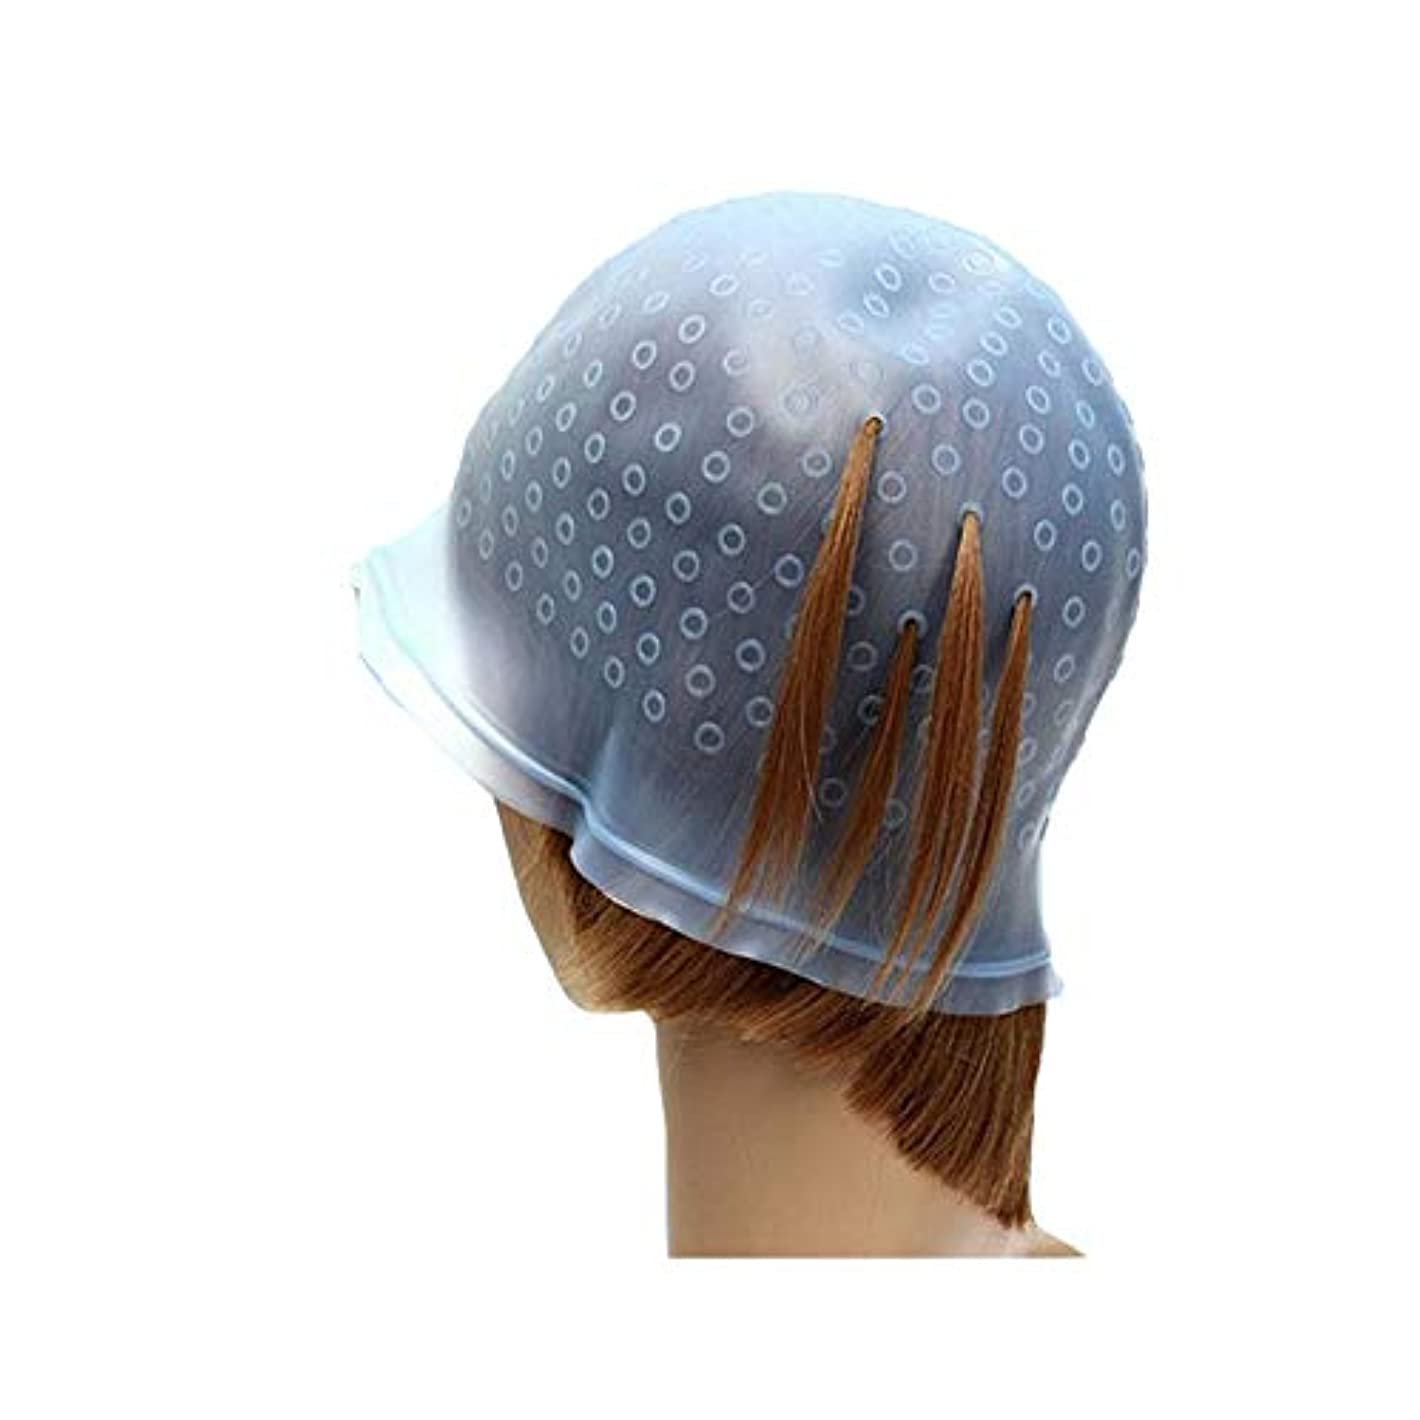 カラーリング メッシュ用 シリコンキャップ セルフカラー 髪の毛 穴あけ用のかぎ針付き 髪 レディース メンズ